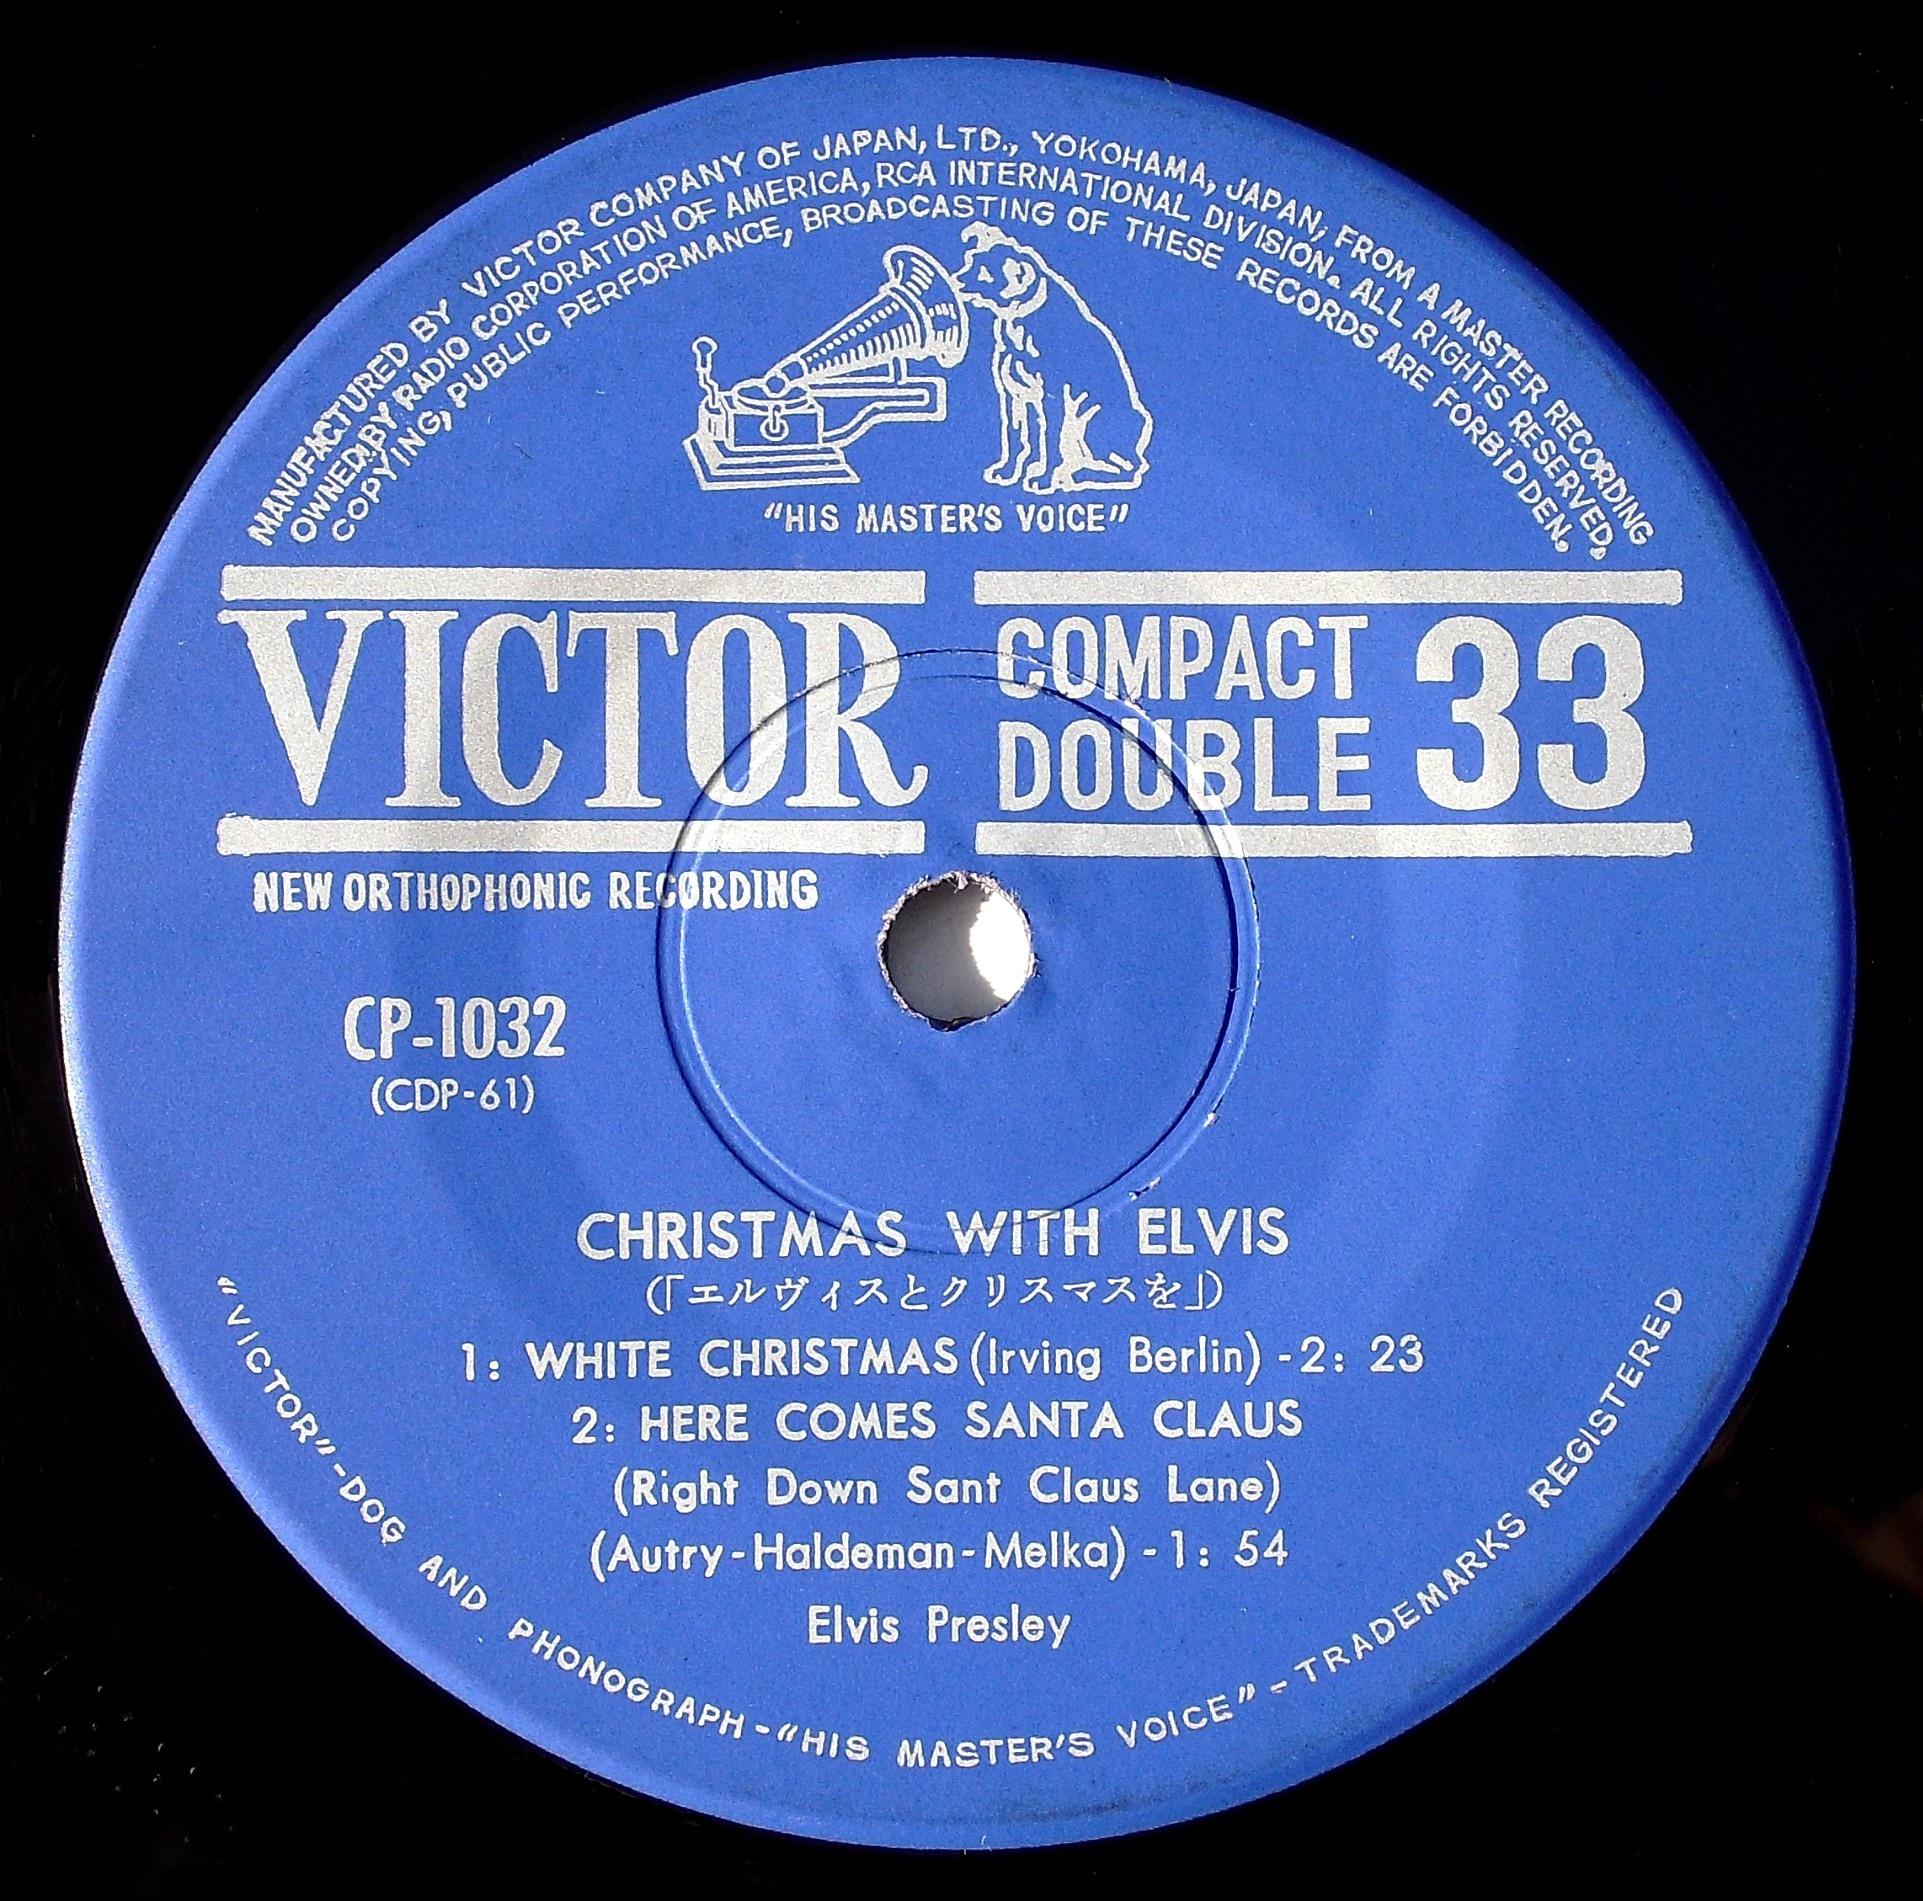 CHRISTMAS WITH ELVIS 03-1uey8n